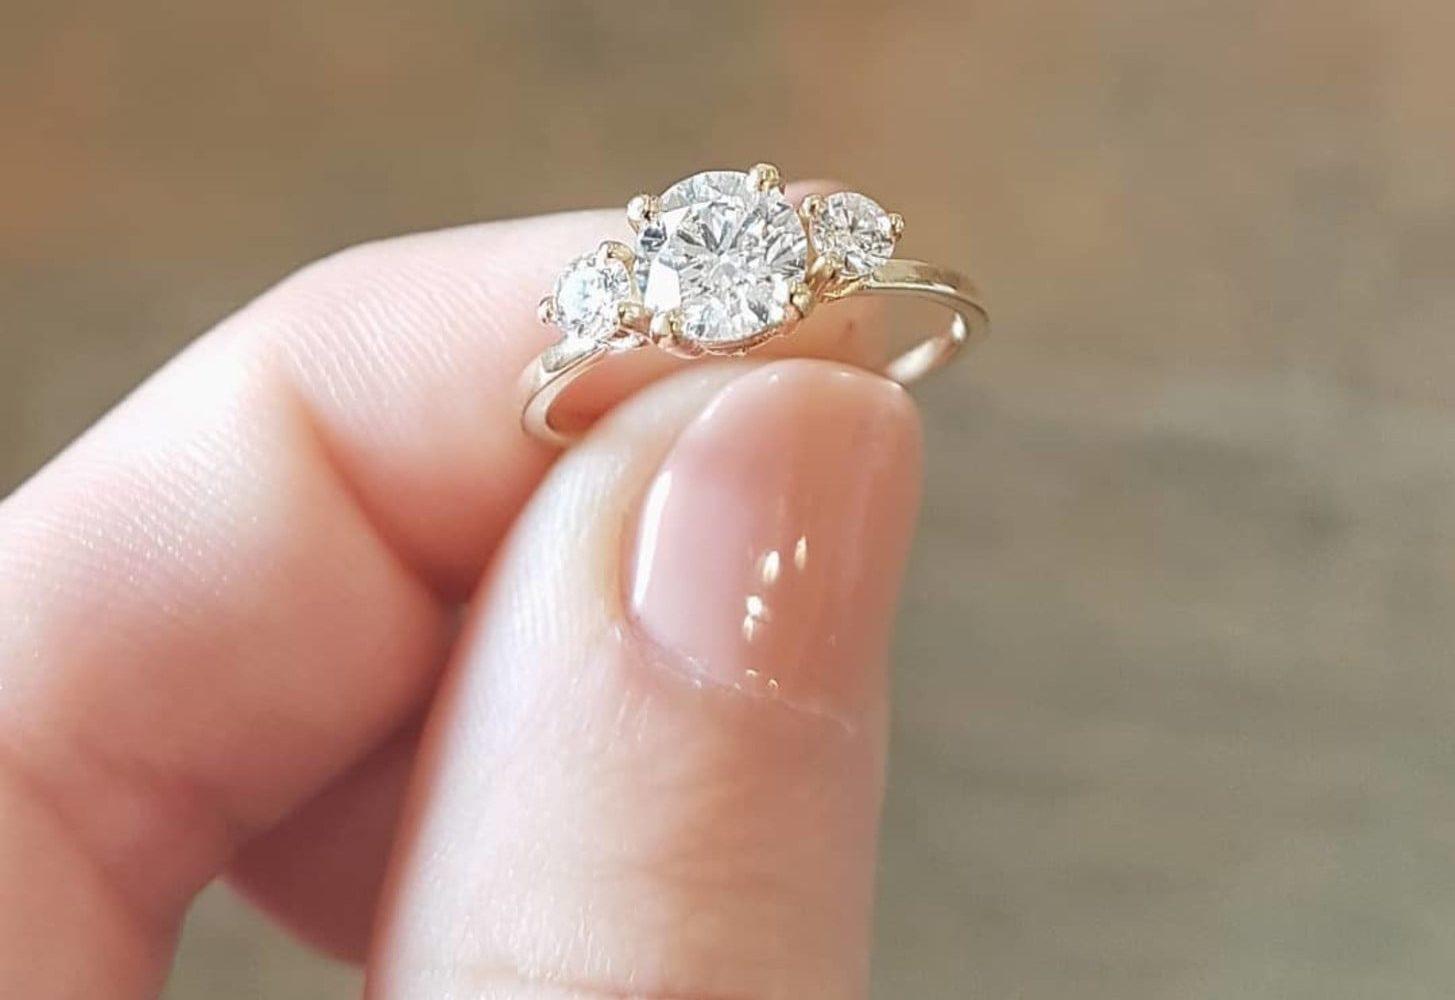 تفسير حلم لبس خاتم ذهب في اليد اليمنى أو اليسرى سواء للبنت أو المتزوجة